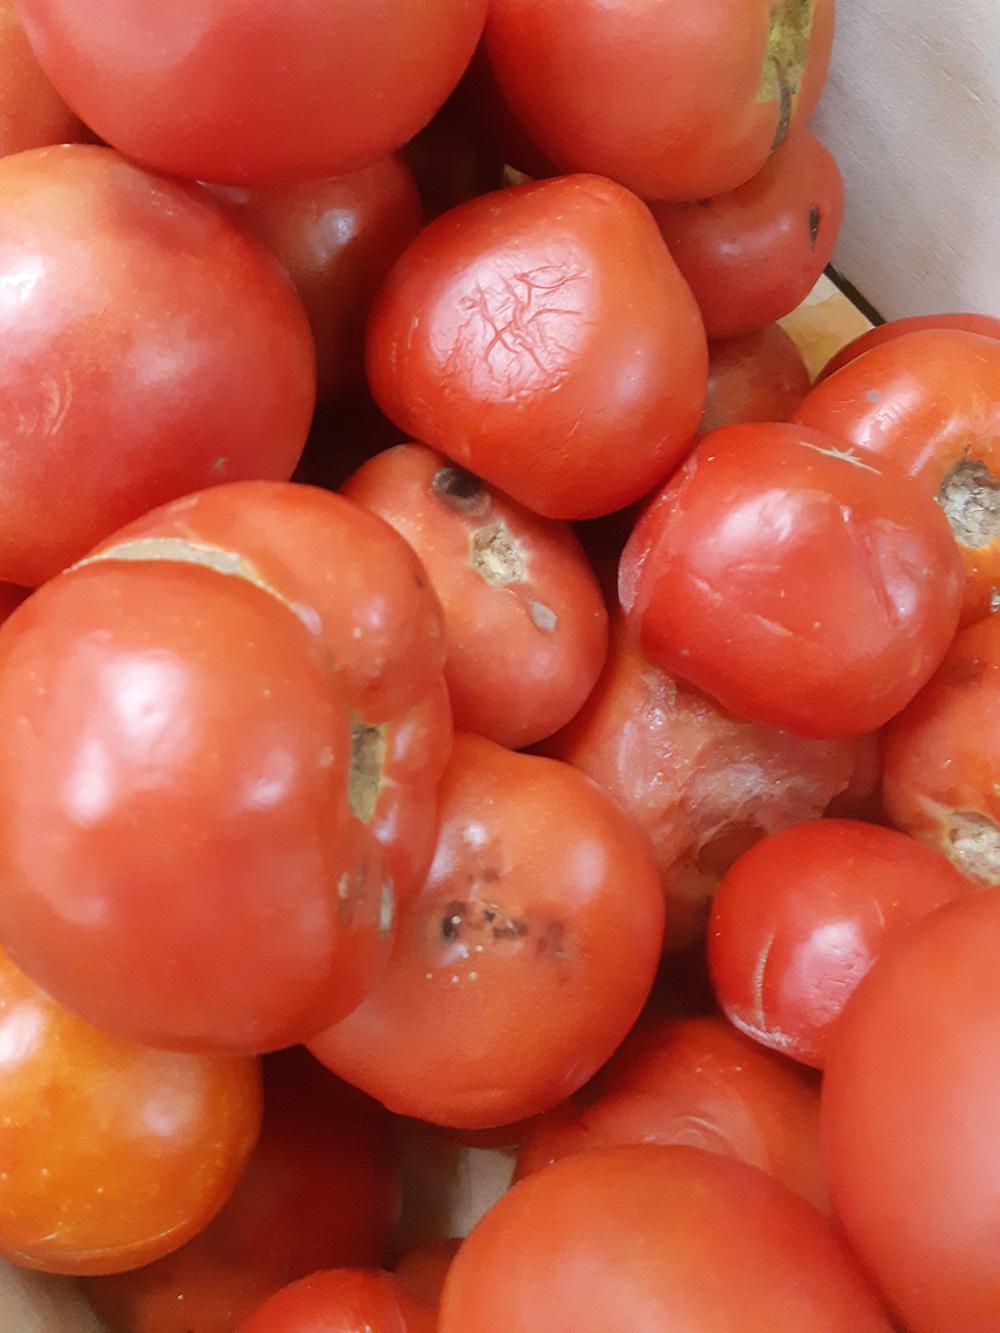 В магазине у дома выбрасывают такие помидоры. На мой взгляд, они вполне годятся на салат